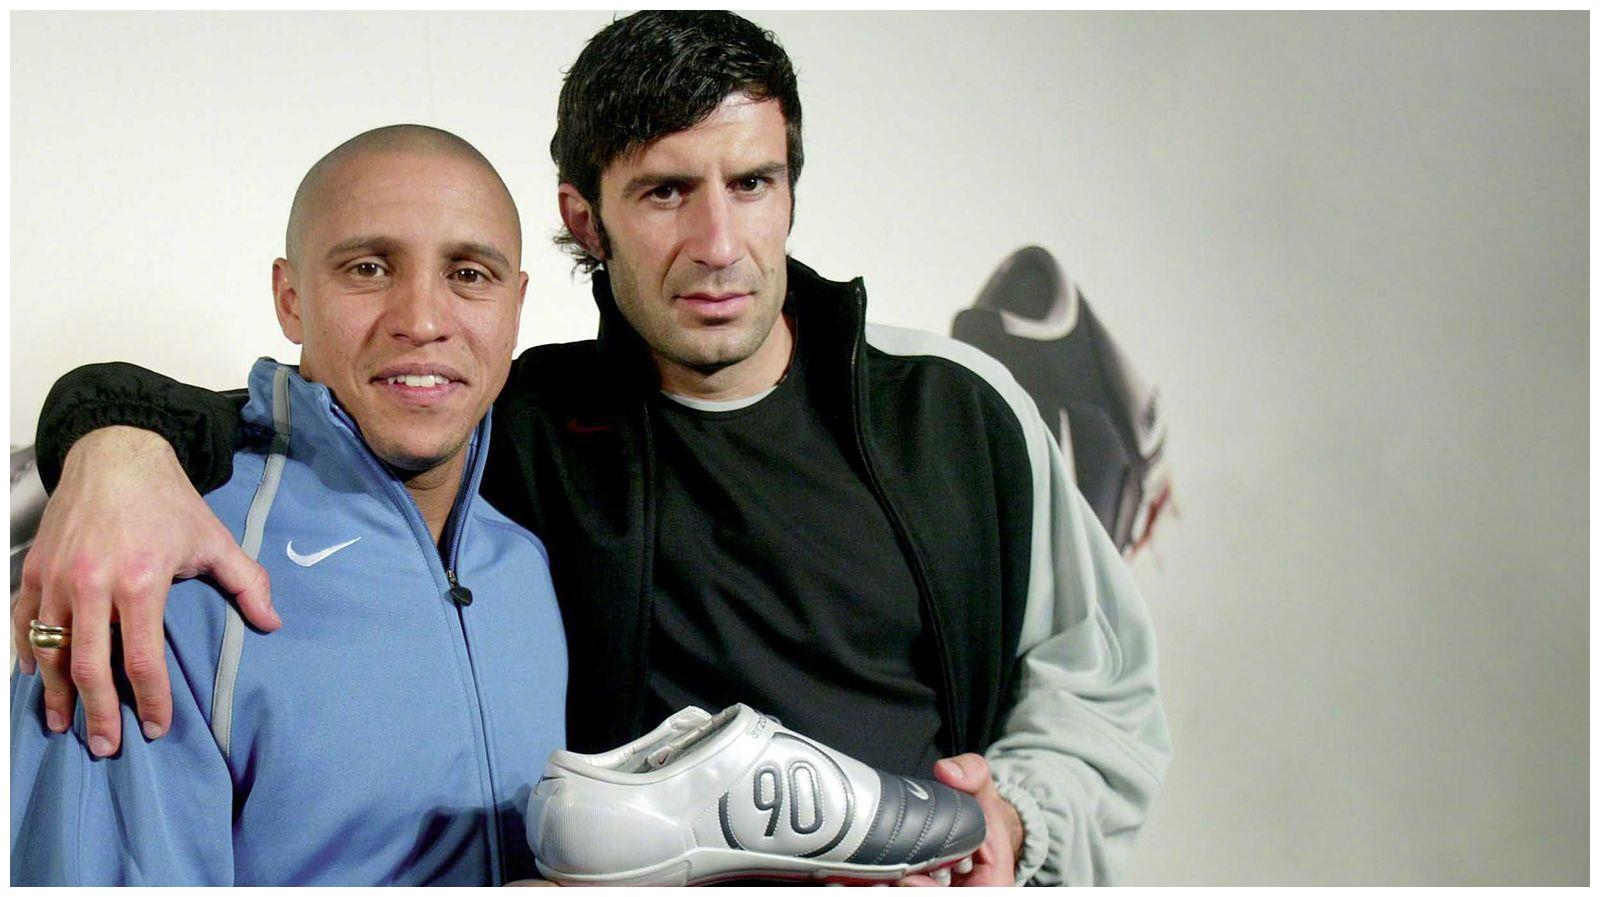 卡洛斯觉得菲戈的天赋在C罗之上,C罗赶上了葡萄牙足球的好时代